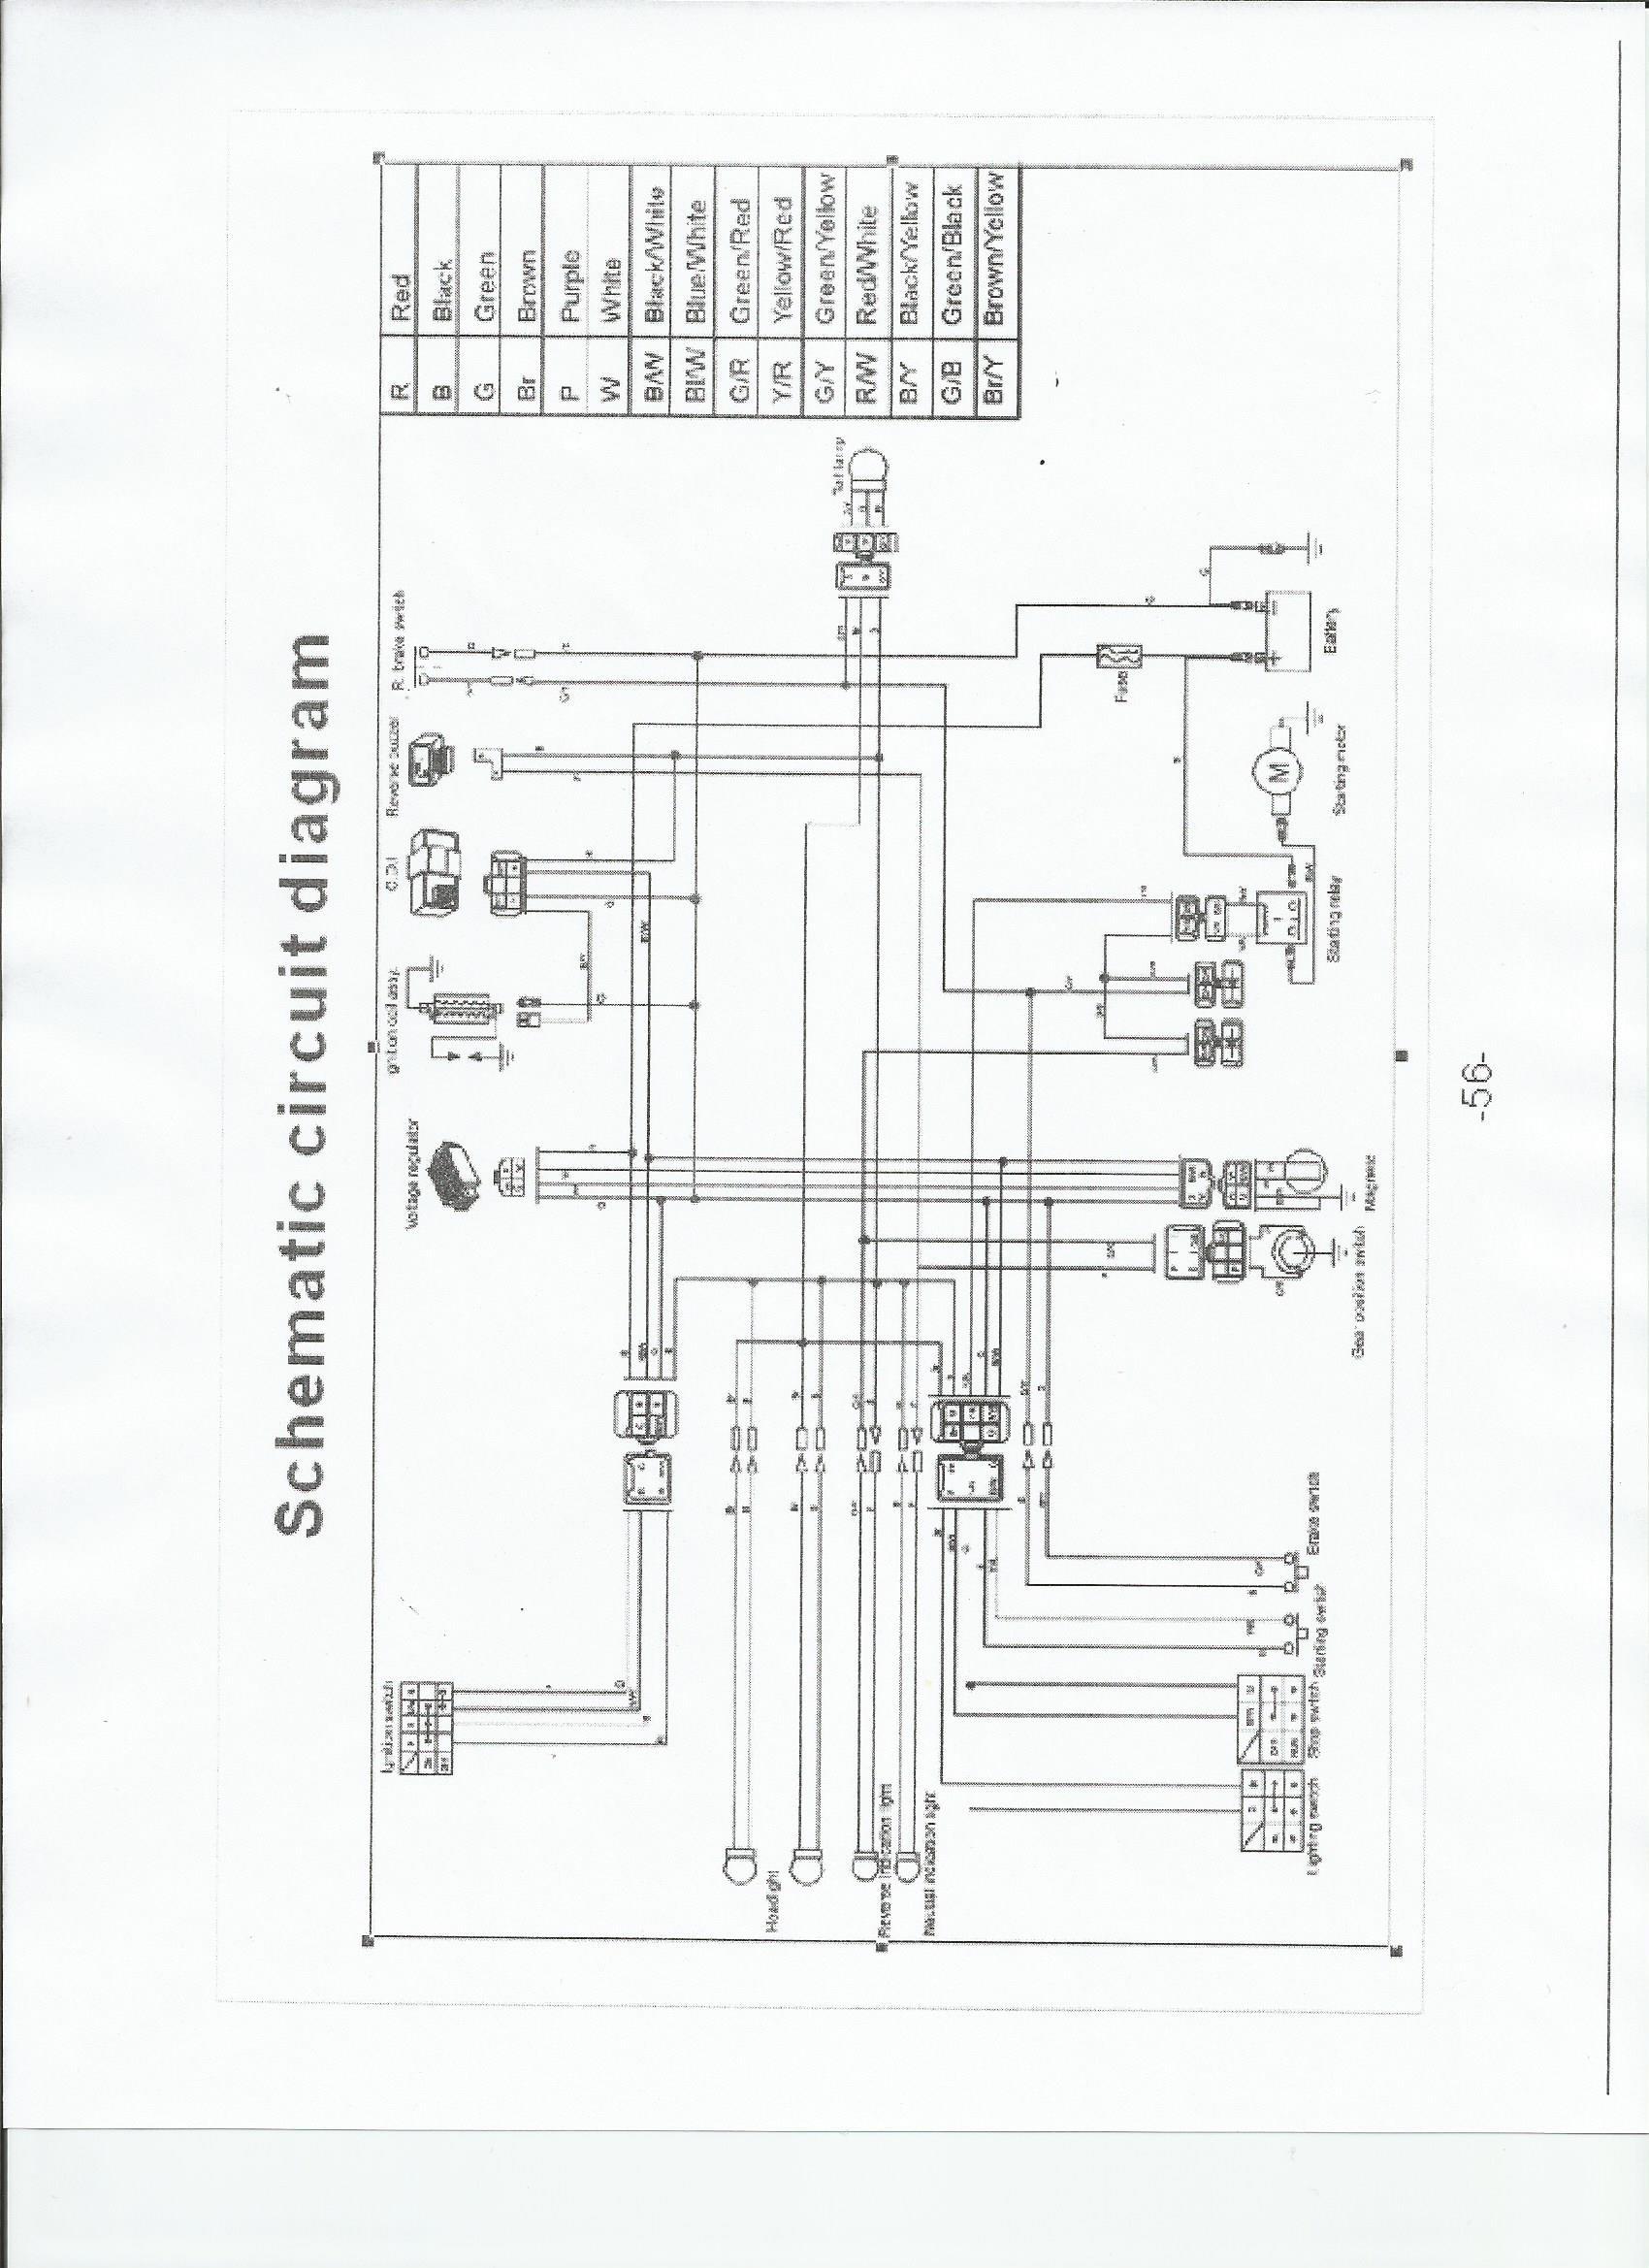 Terrific Kazuma Go Kart Wiring Diagram Today Diagram Data Schema Wiring Cloud Biosomenaidewilluminateatxorg